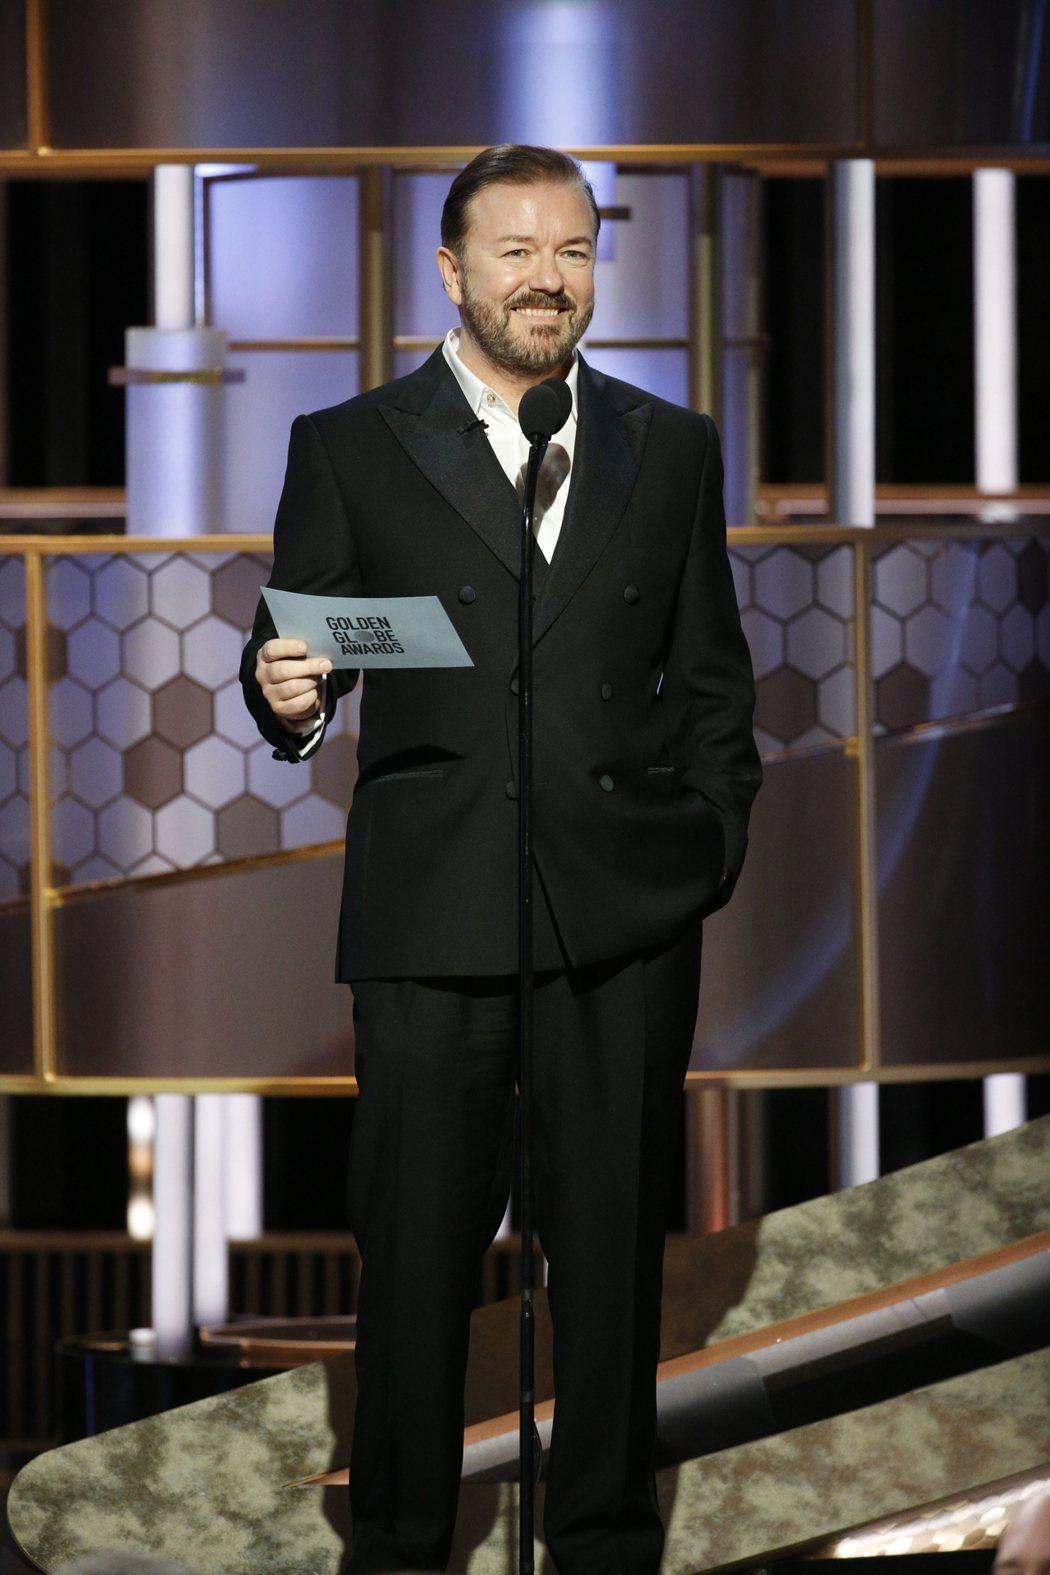 英國諧星瑞吉賈維斯接下金球獎頒獎典禮主持棒。 圖/美聯社